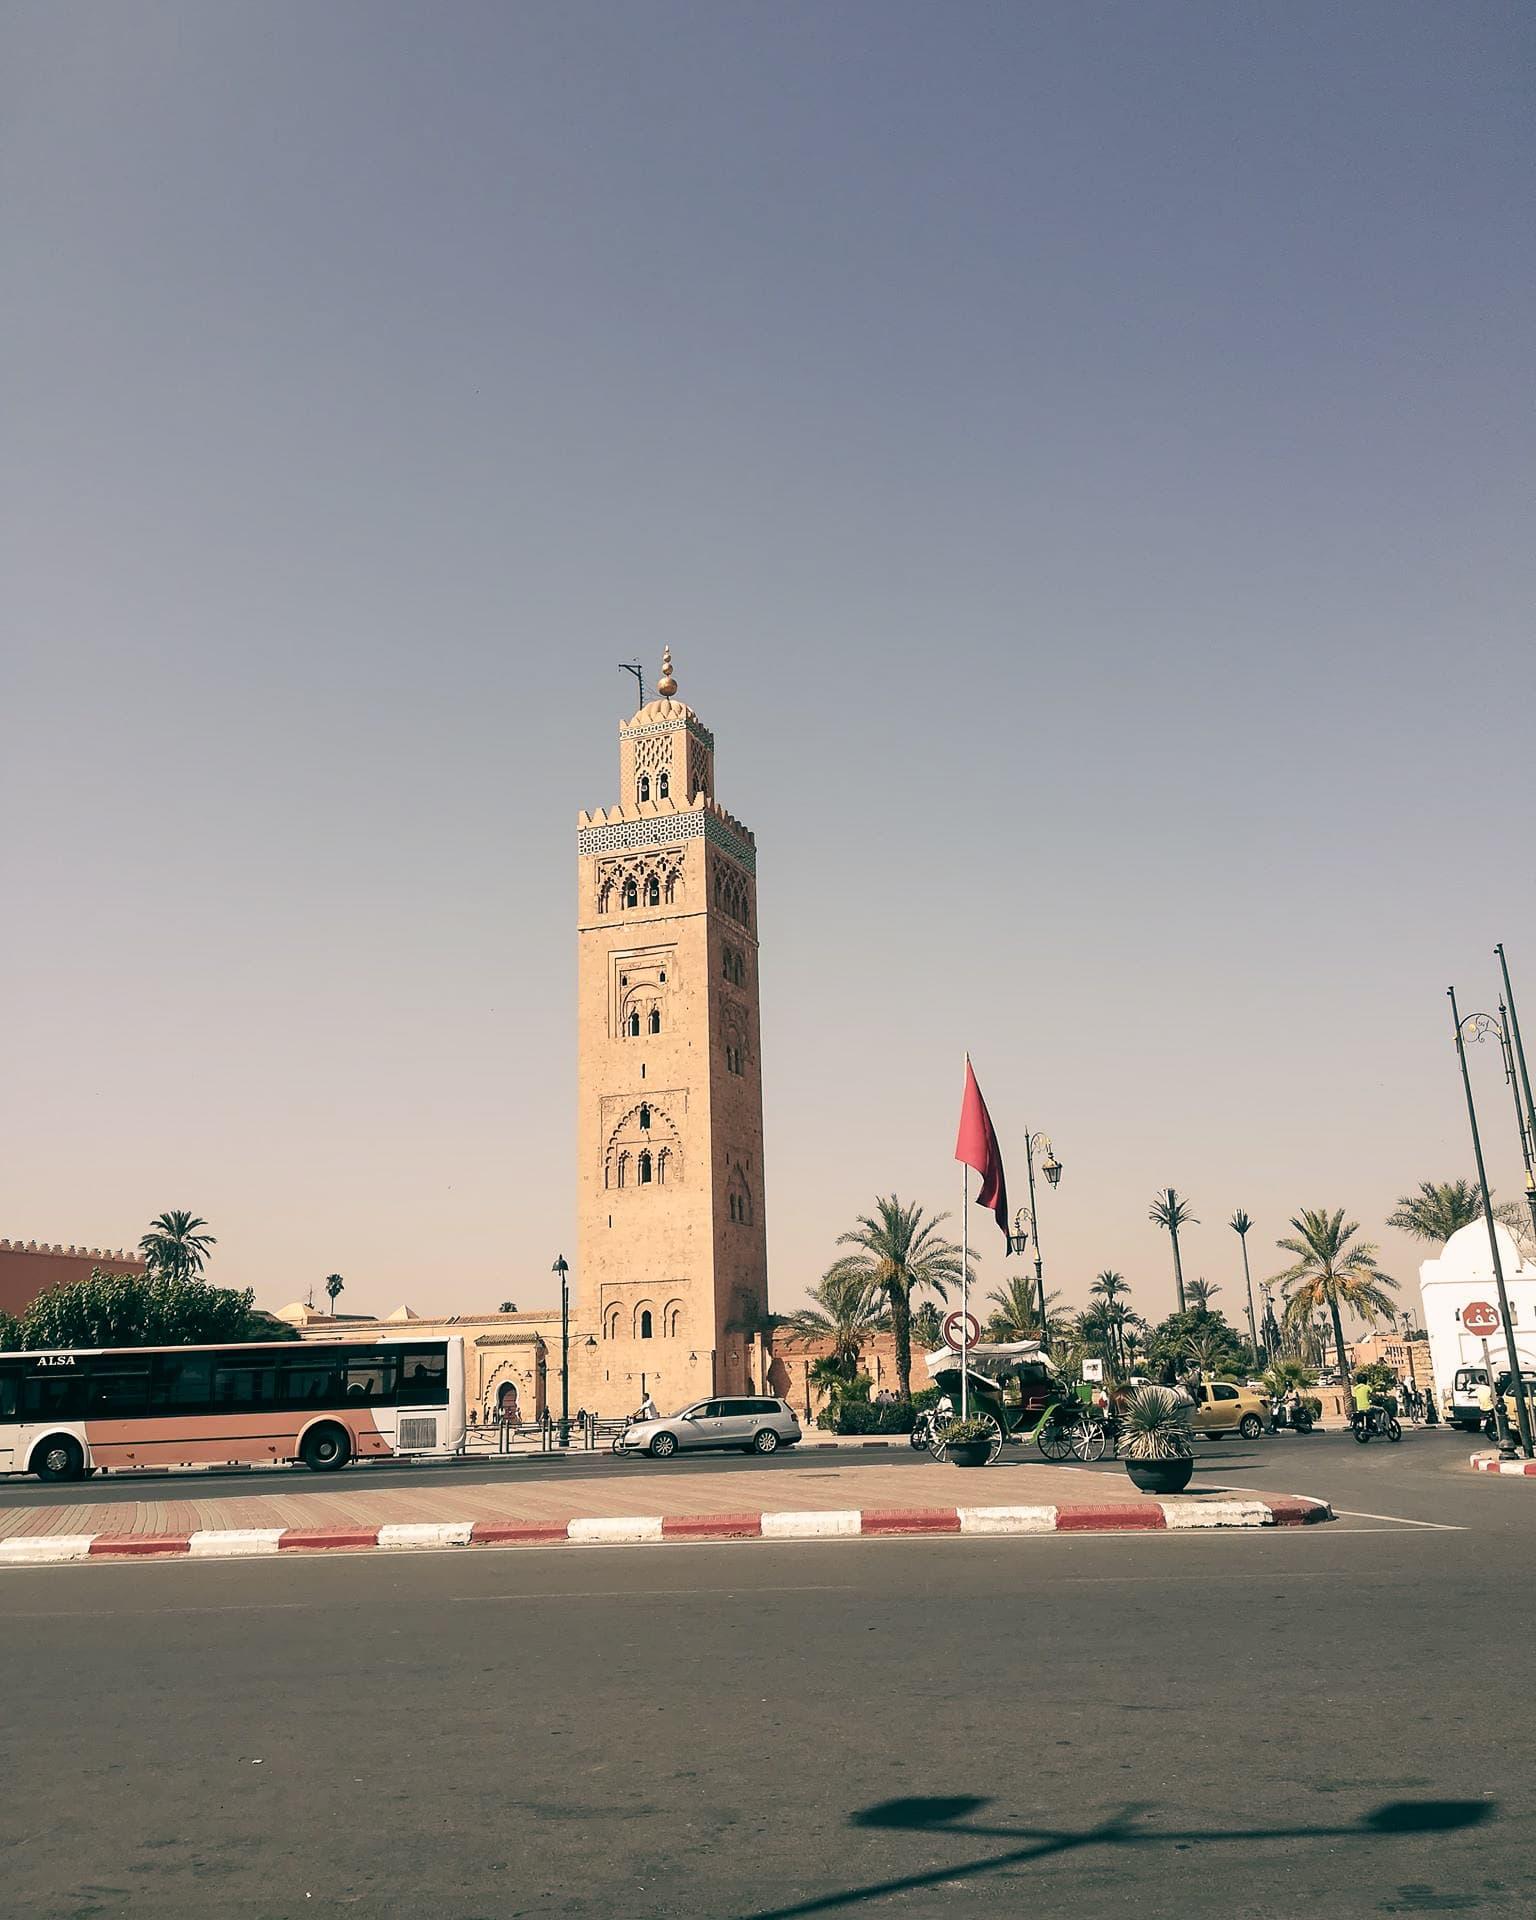 Marrakech, Moroccoa